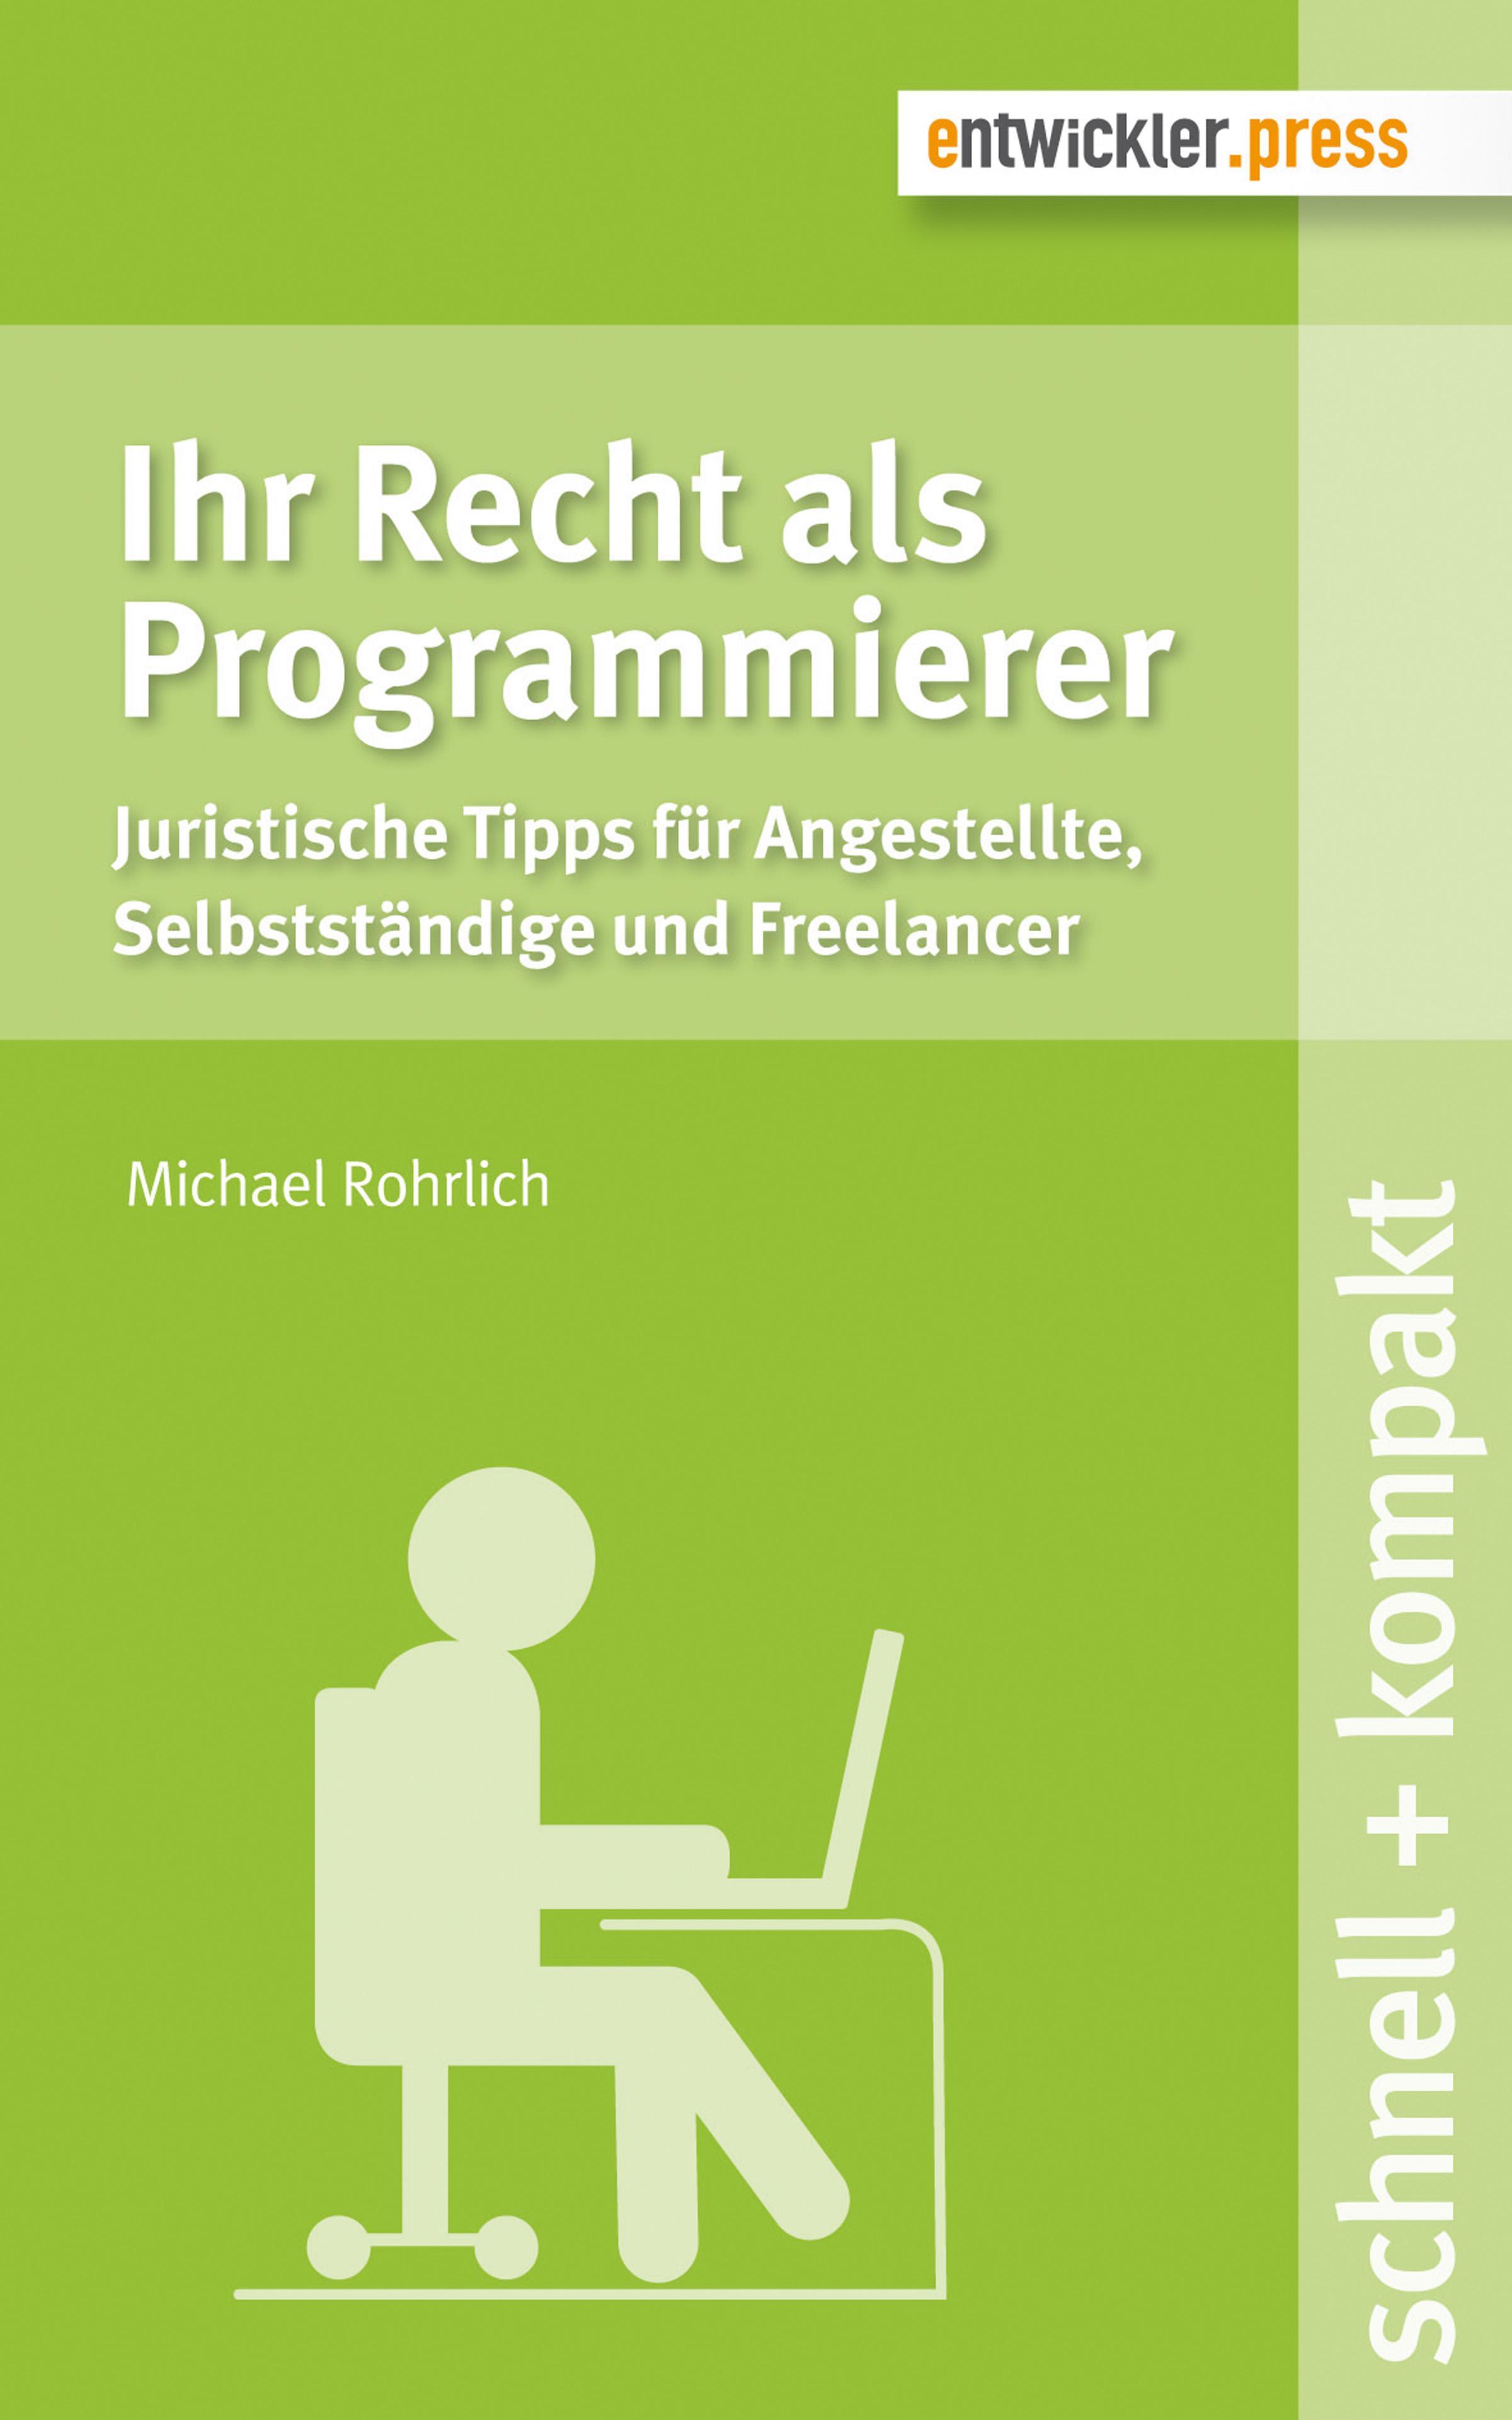 Ihr Recht als Programmierer Michael Rohrlich